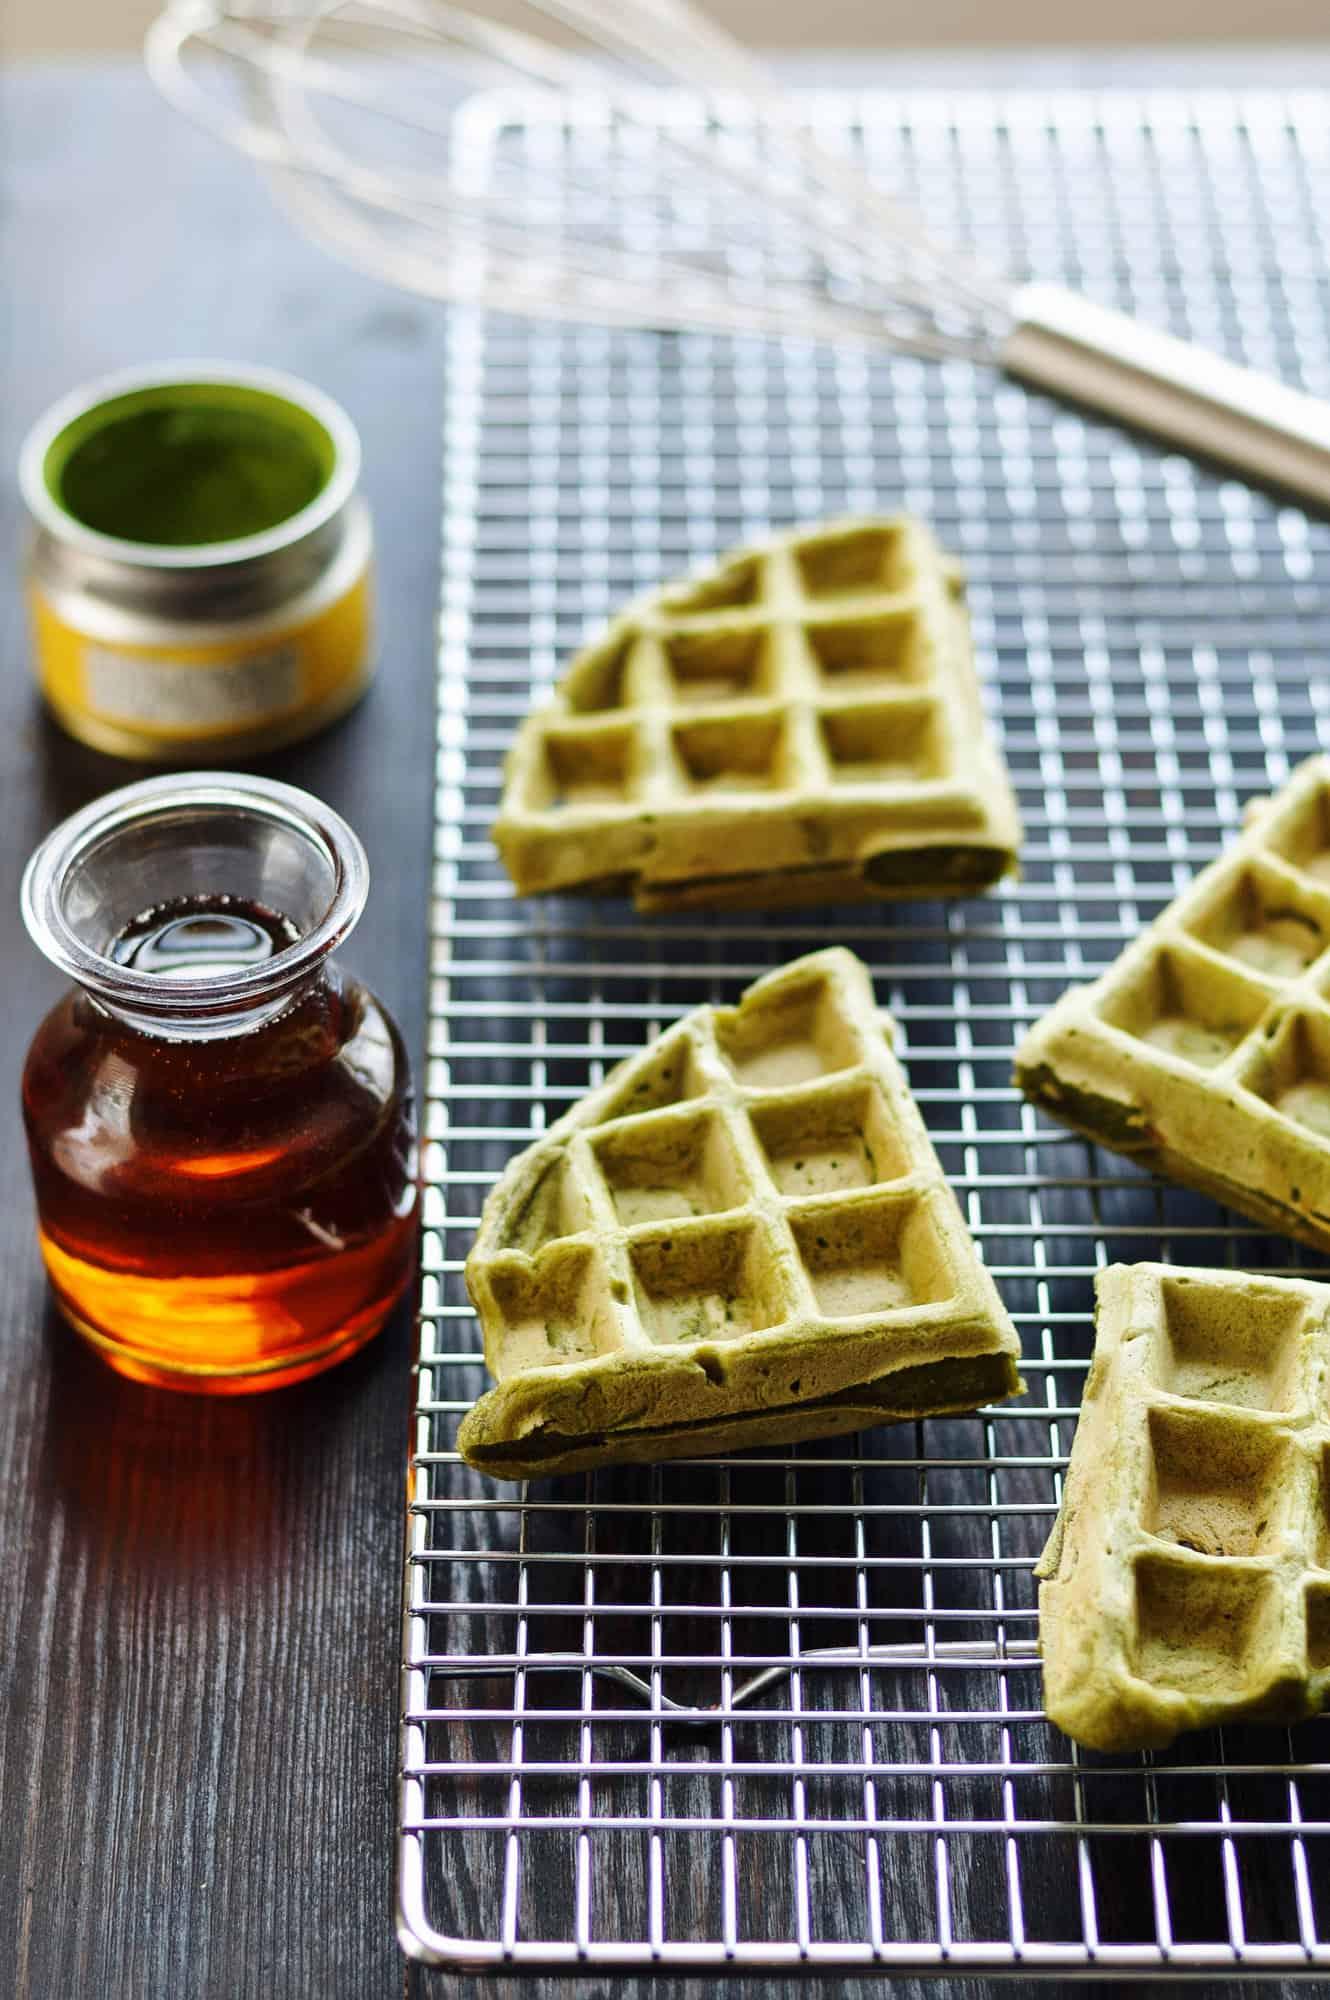 【蛋白粉食譜】甜品也可高蛋白 抹茶窩夫(無蛋奶純素) - 保健堡